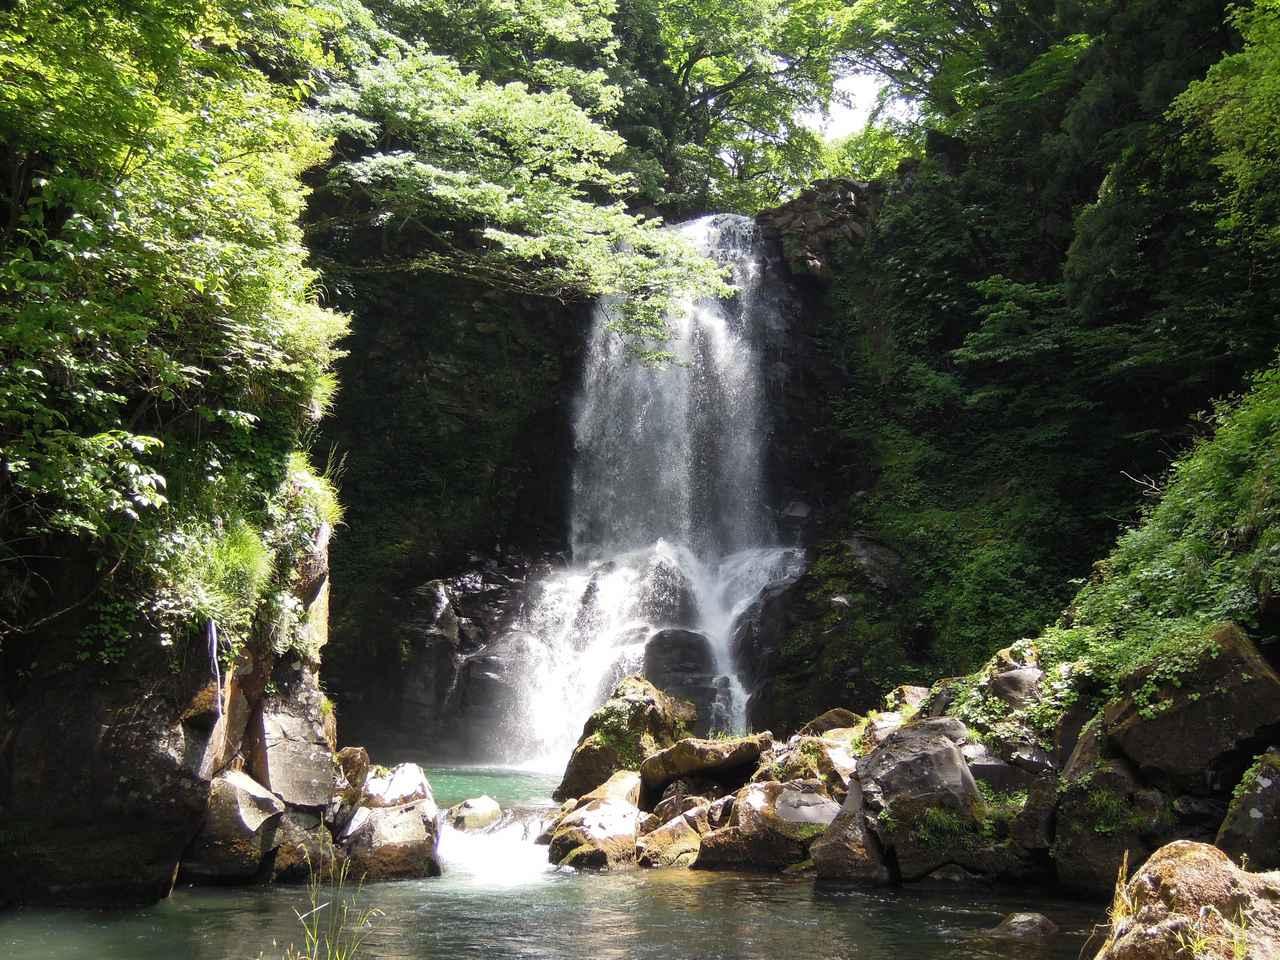 画像: 「奈曽の白滝谷」として国の名勝指定された名瀑